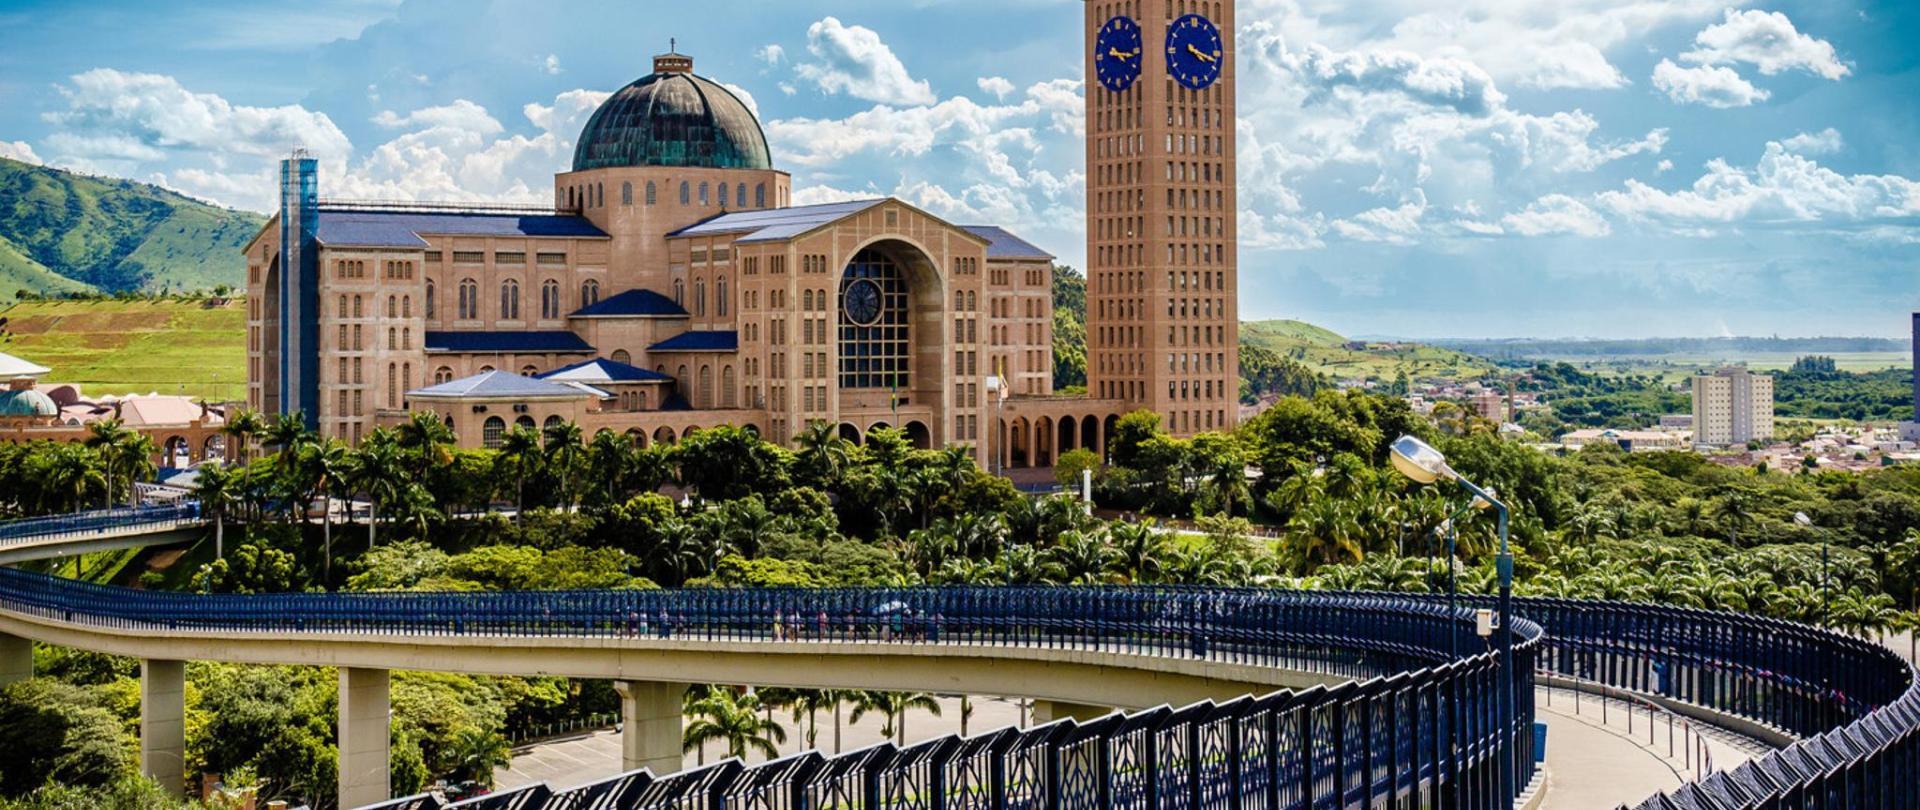 web-aparacida-brasil-basilica-shrine-c2a9-leandro-mundim-cc.jpg